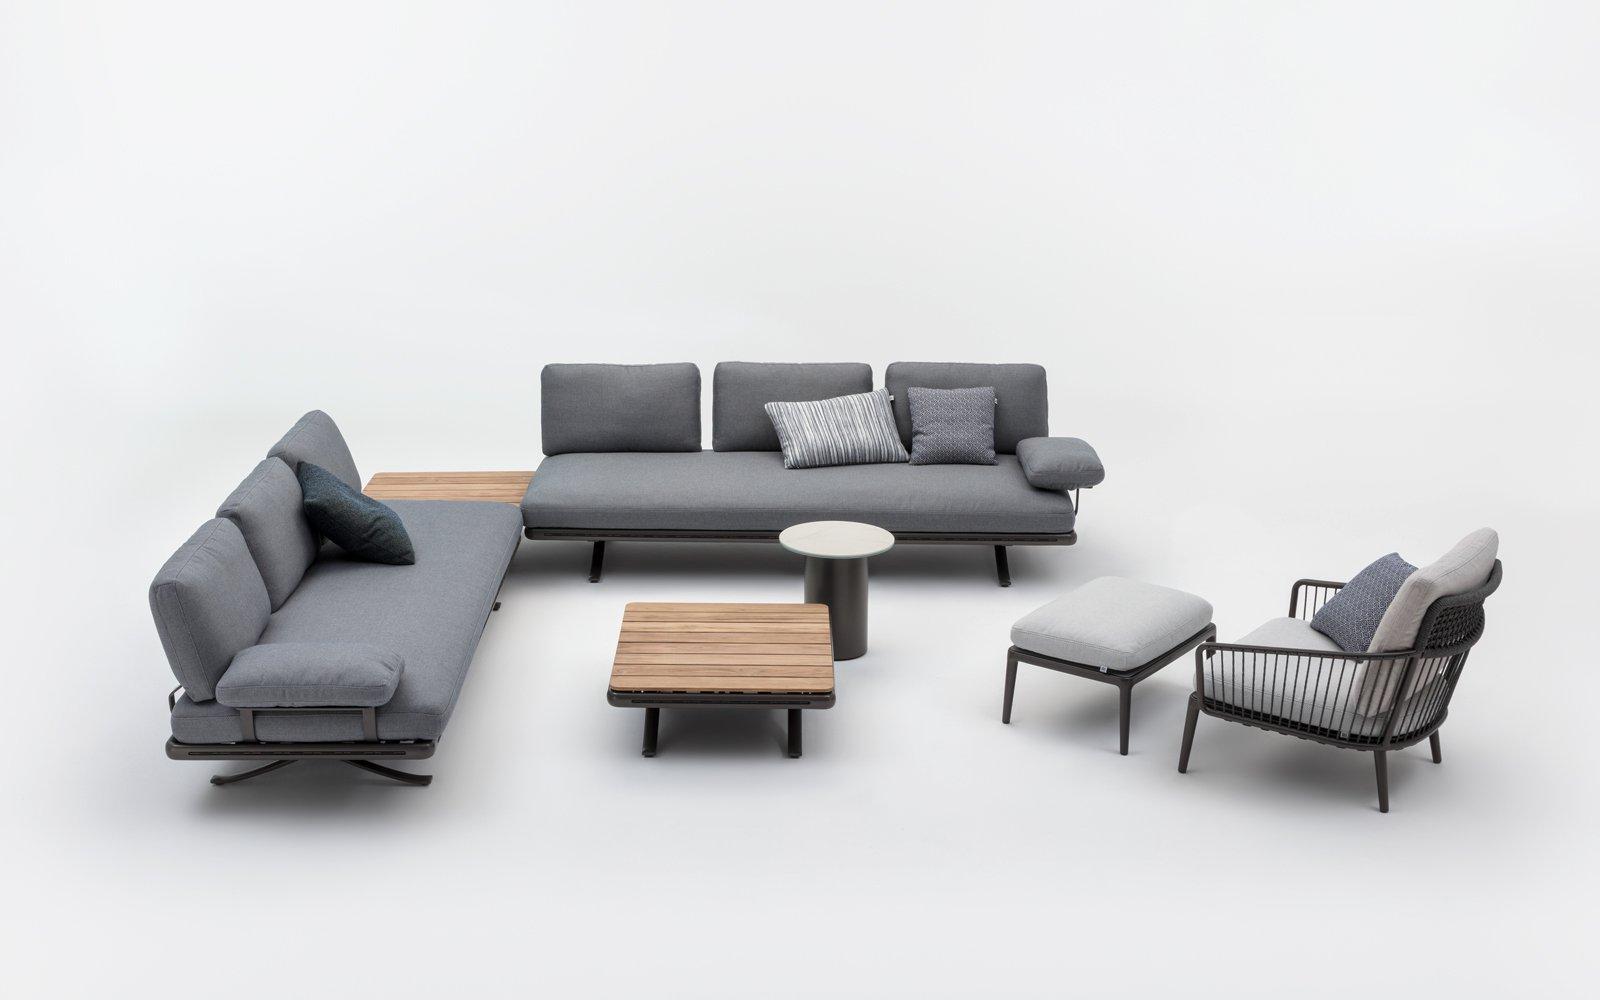 Buitenleven, tuinmeubelen, outdoor furniture, outdoor living, the art of living